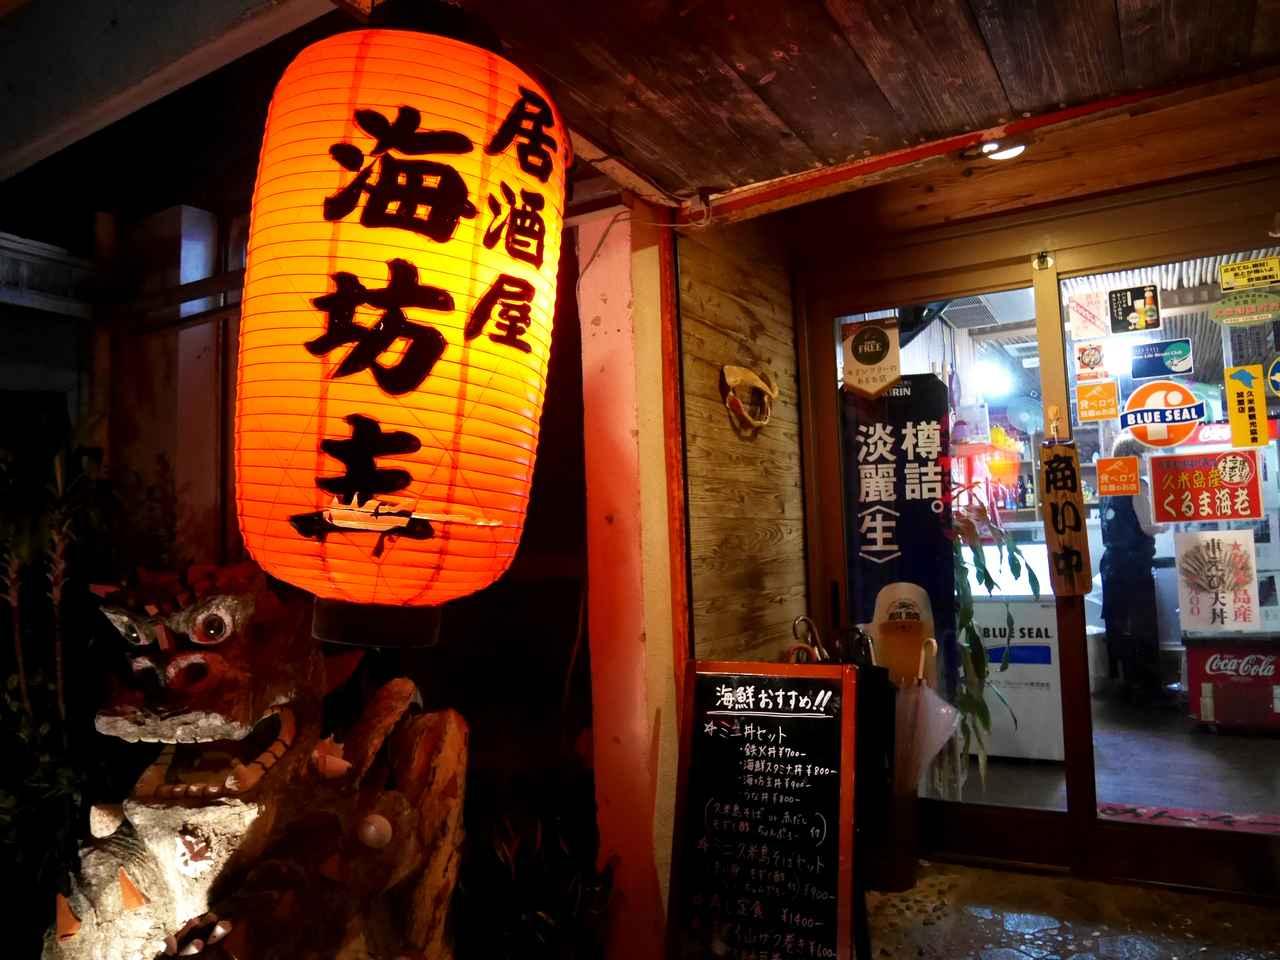 画像: 久米島で人気No.1の居酒屋『 海坊主 』で沖縄料理に舌鼓♡-沖縄旅行激安予約サイトの沖縄旅予約ドットコム